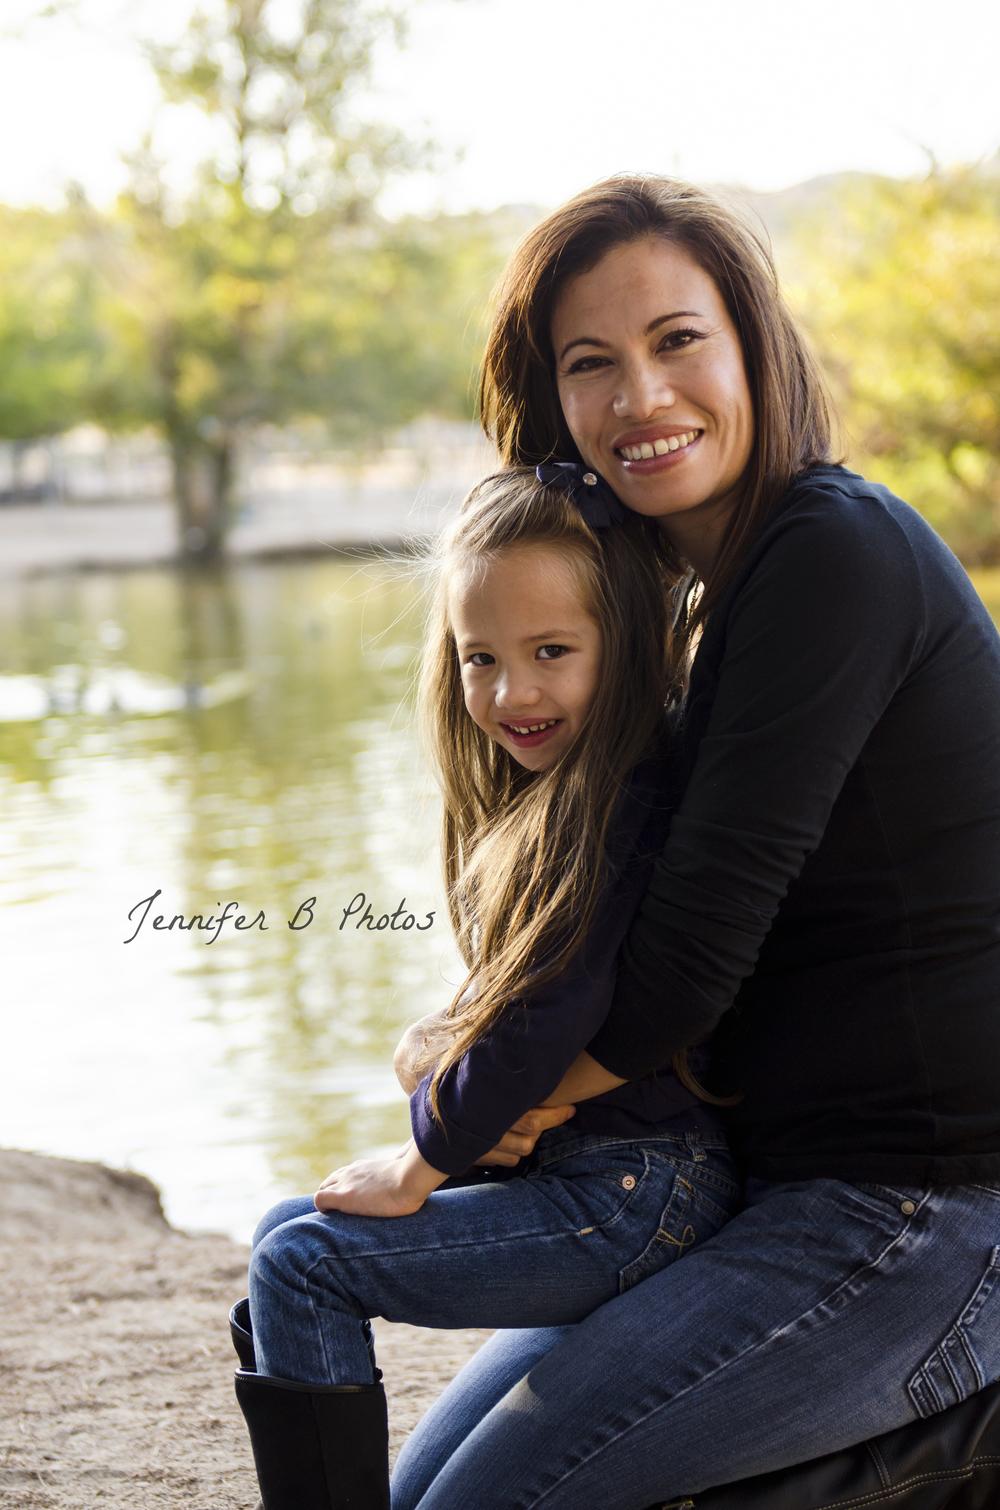 inlandempirefamilyphotographer6.jpg